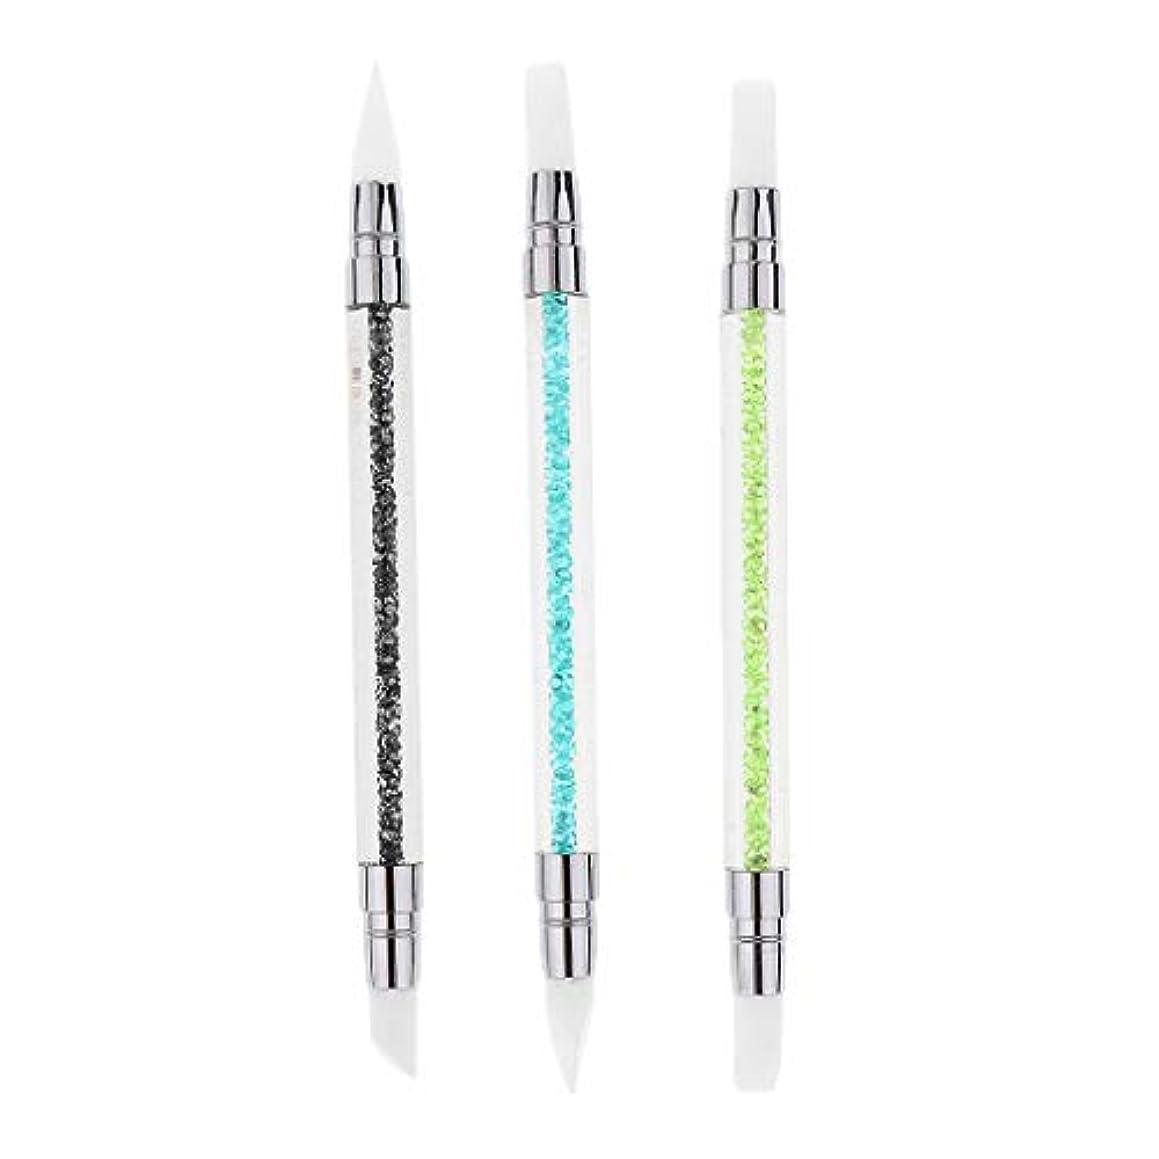 聖歌信頼性のあるスパン2本/3本セット ネイルアート ブラシ 爪用ペン シリコン ドットツール クラフト 2way 爪絵画ツール - 3本セット